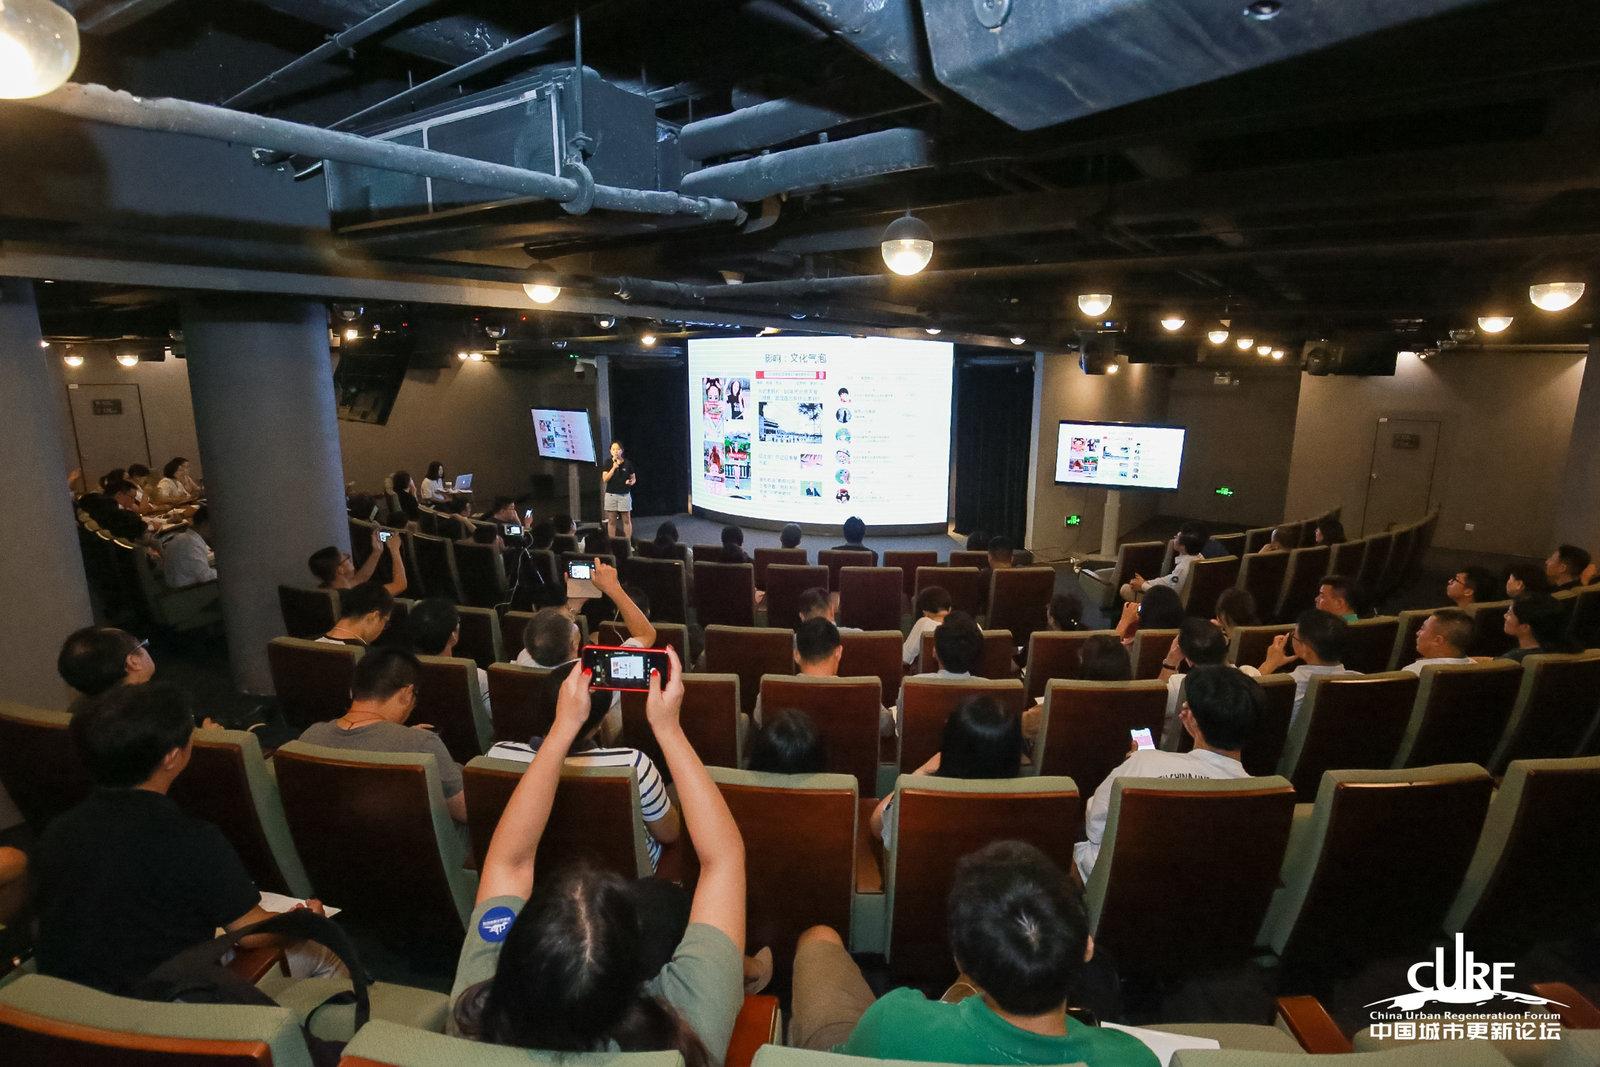 2018中国城市更新论坛发布会召开 推动城市更新原则建立